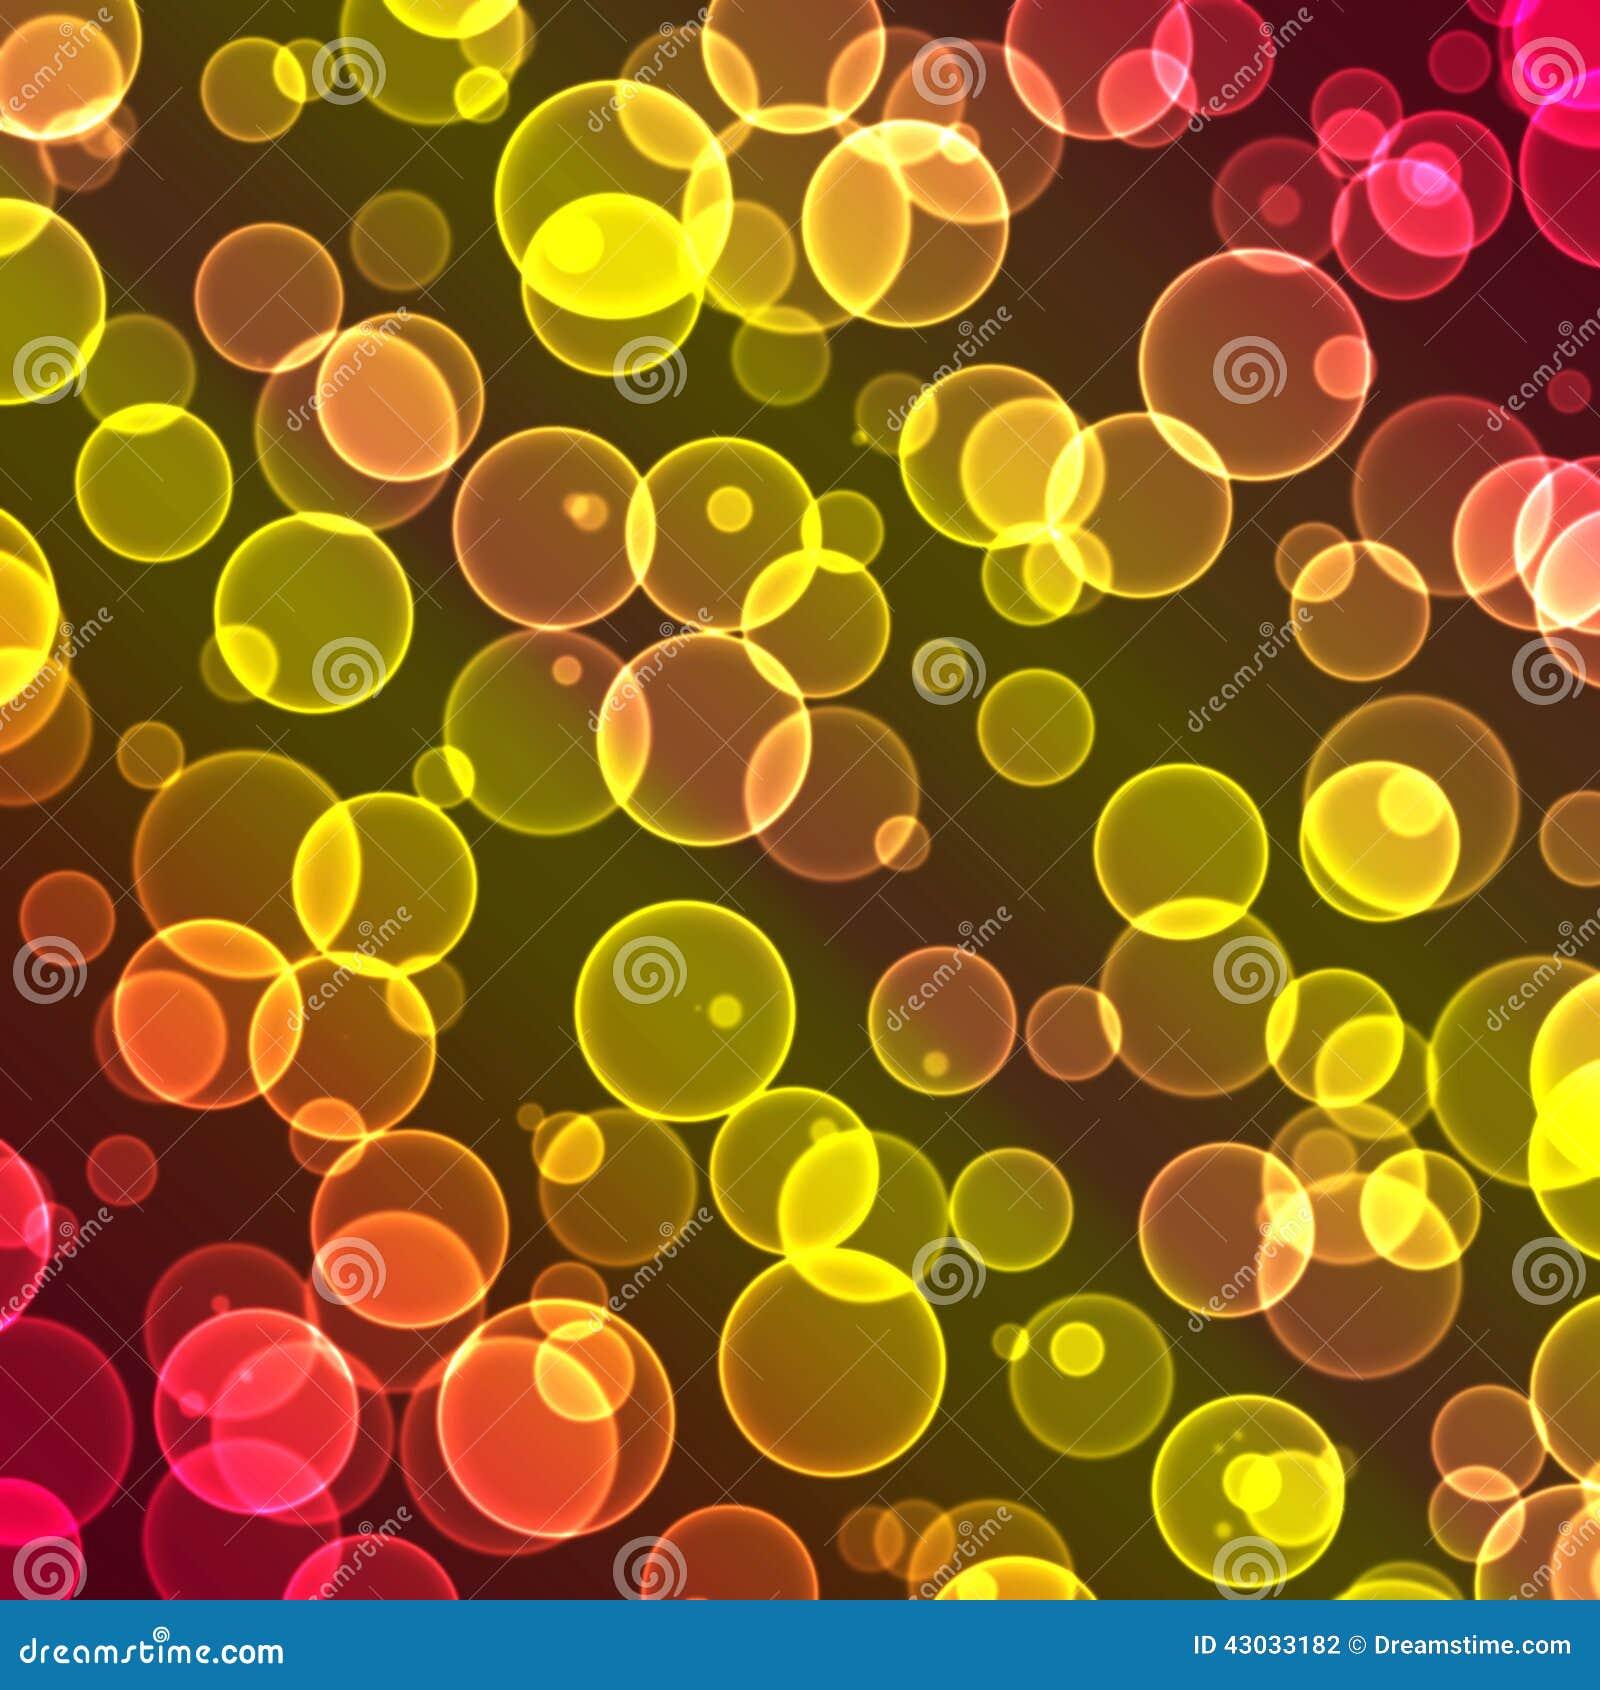 Adobe Photoshop CS4, CS5, CS6Texturas Para Adobe Photoshop cs4 cs5 cs6